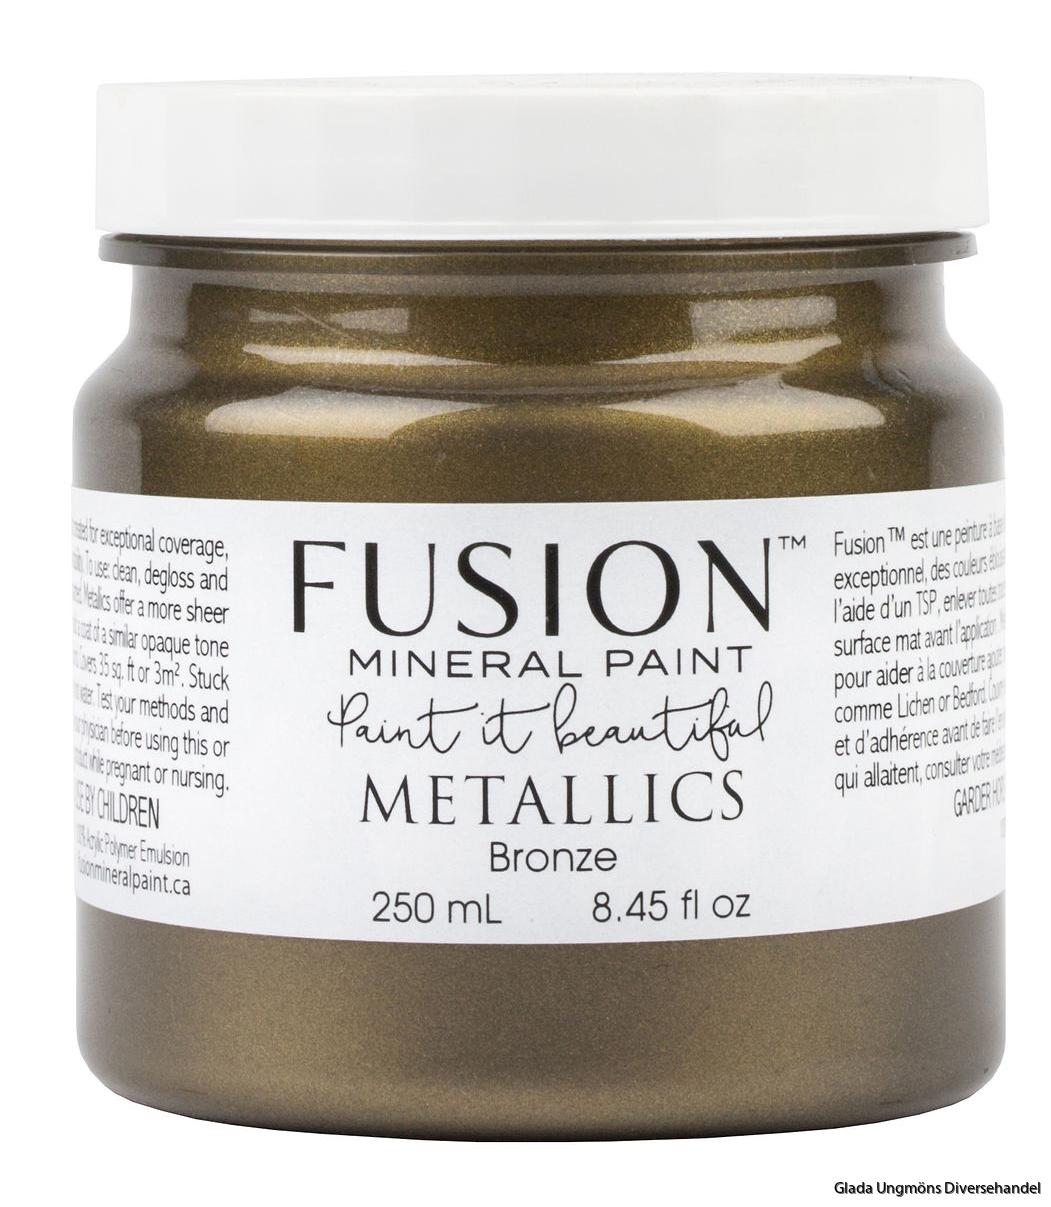 MetallicsBronze